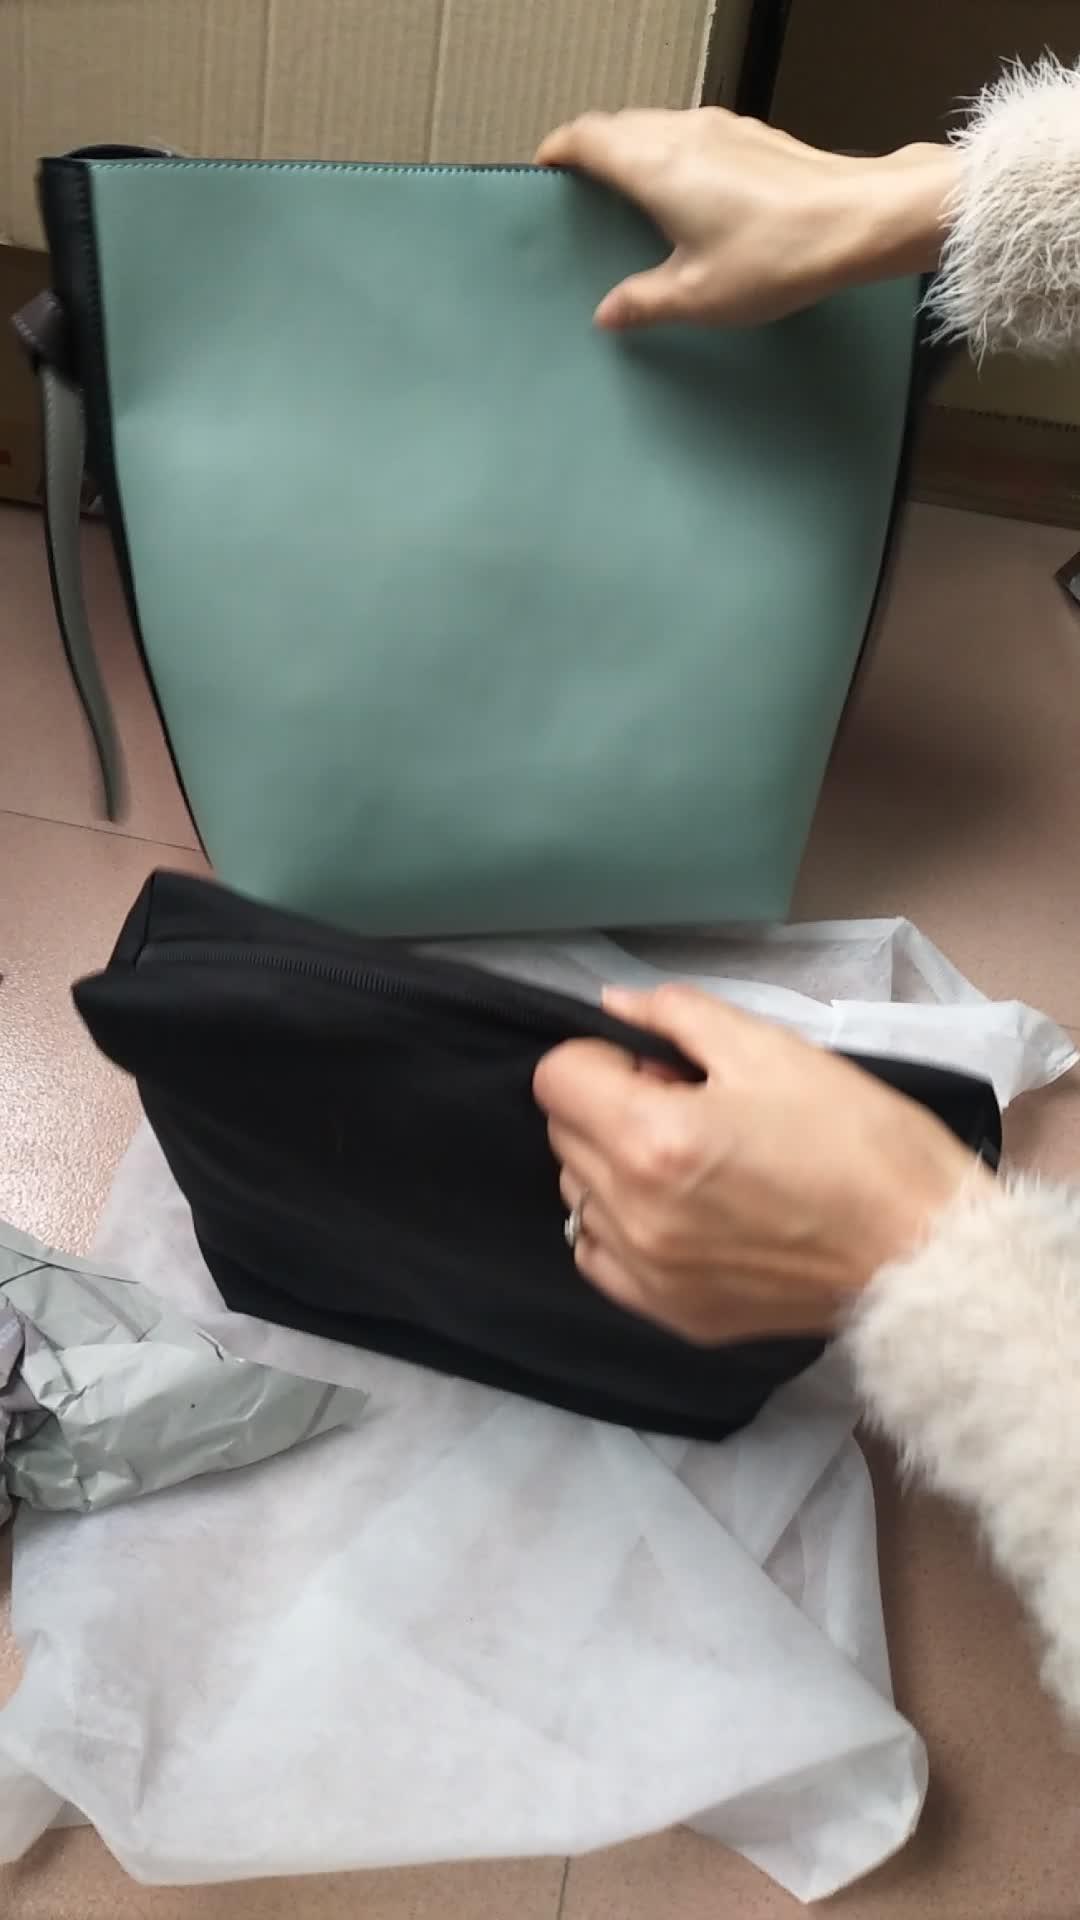 थोक मूल्य वास्तविक ढोना चमड़े के हैंडबैग महिलाओं के लिए